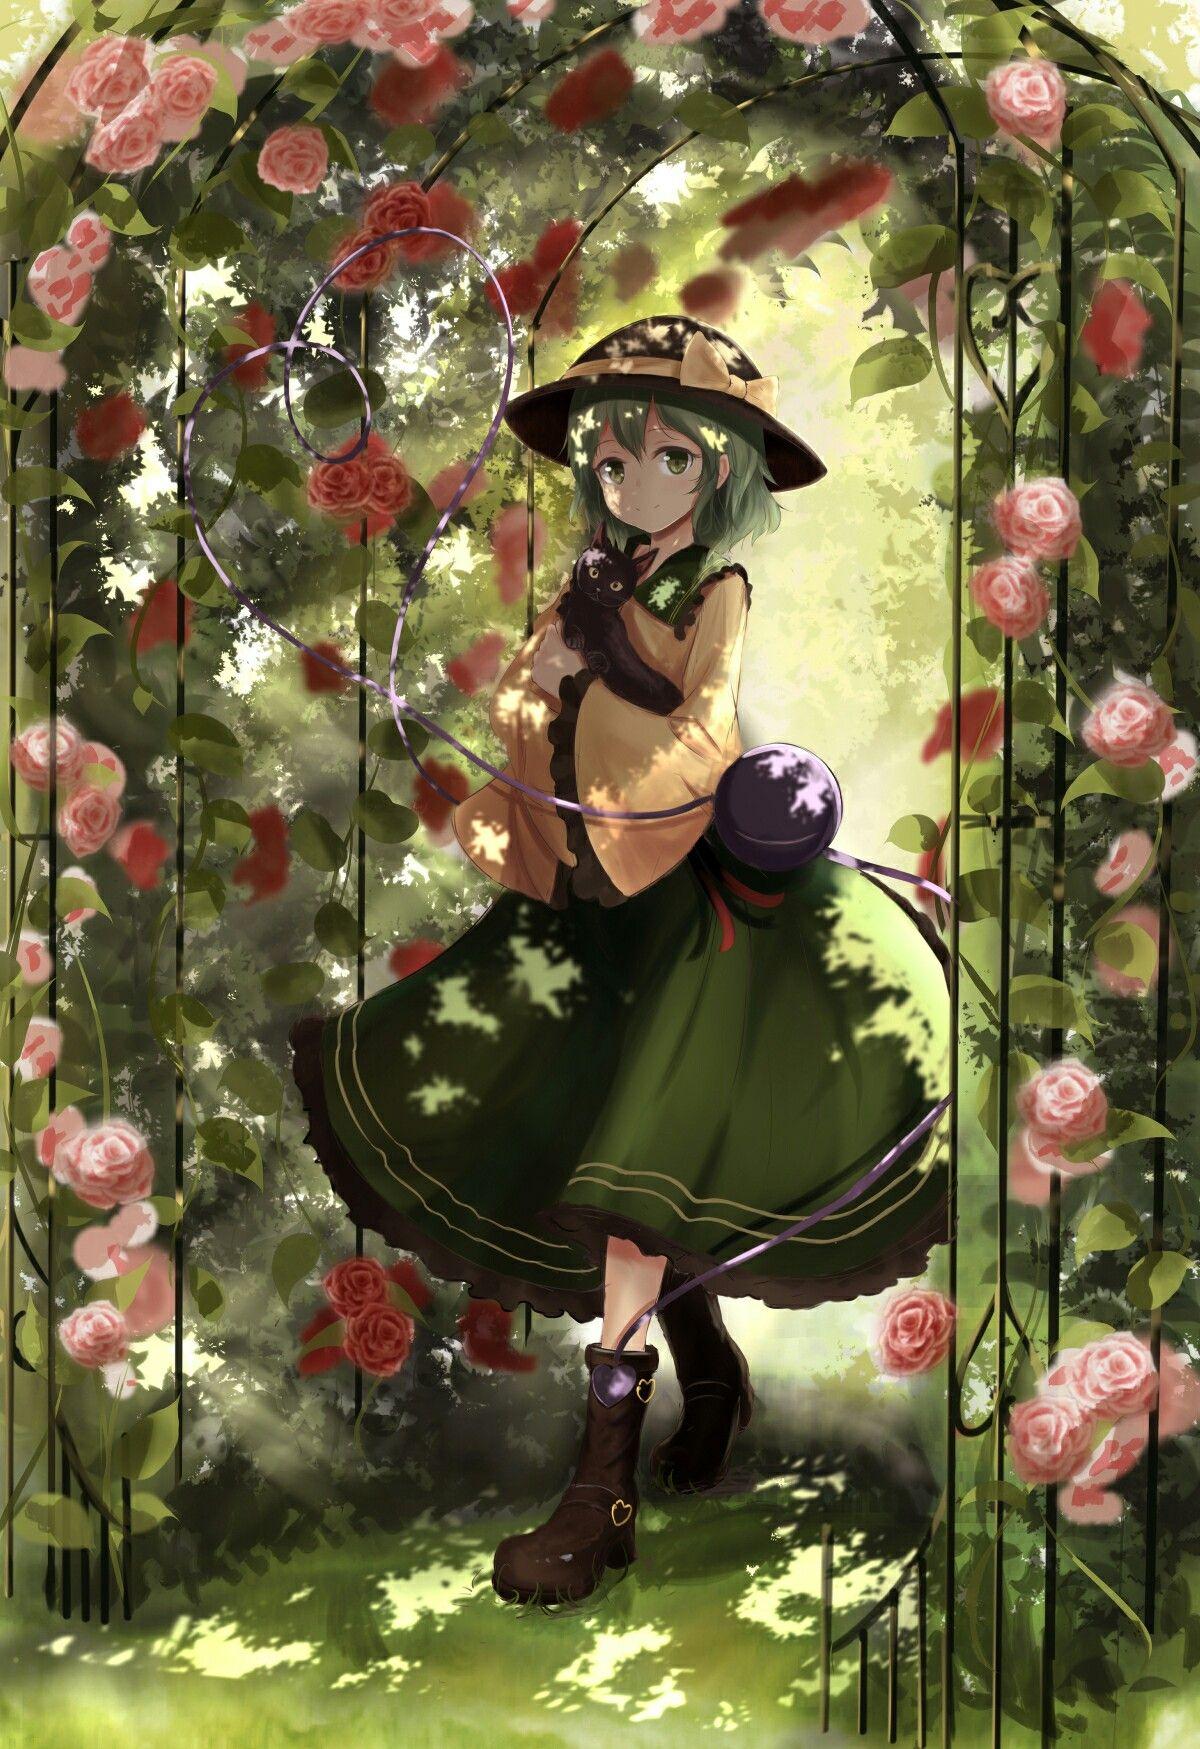 Koishi in the garden | touhou | Pinterest | Gardens, Anime and Anime ...